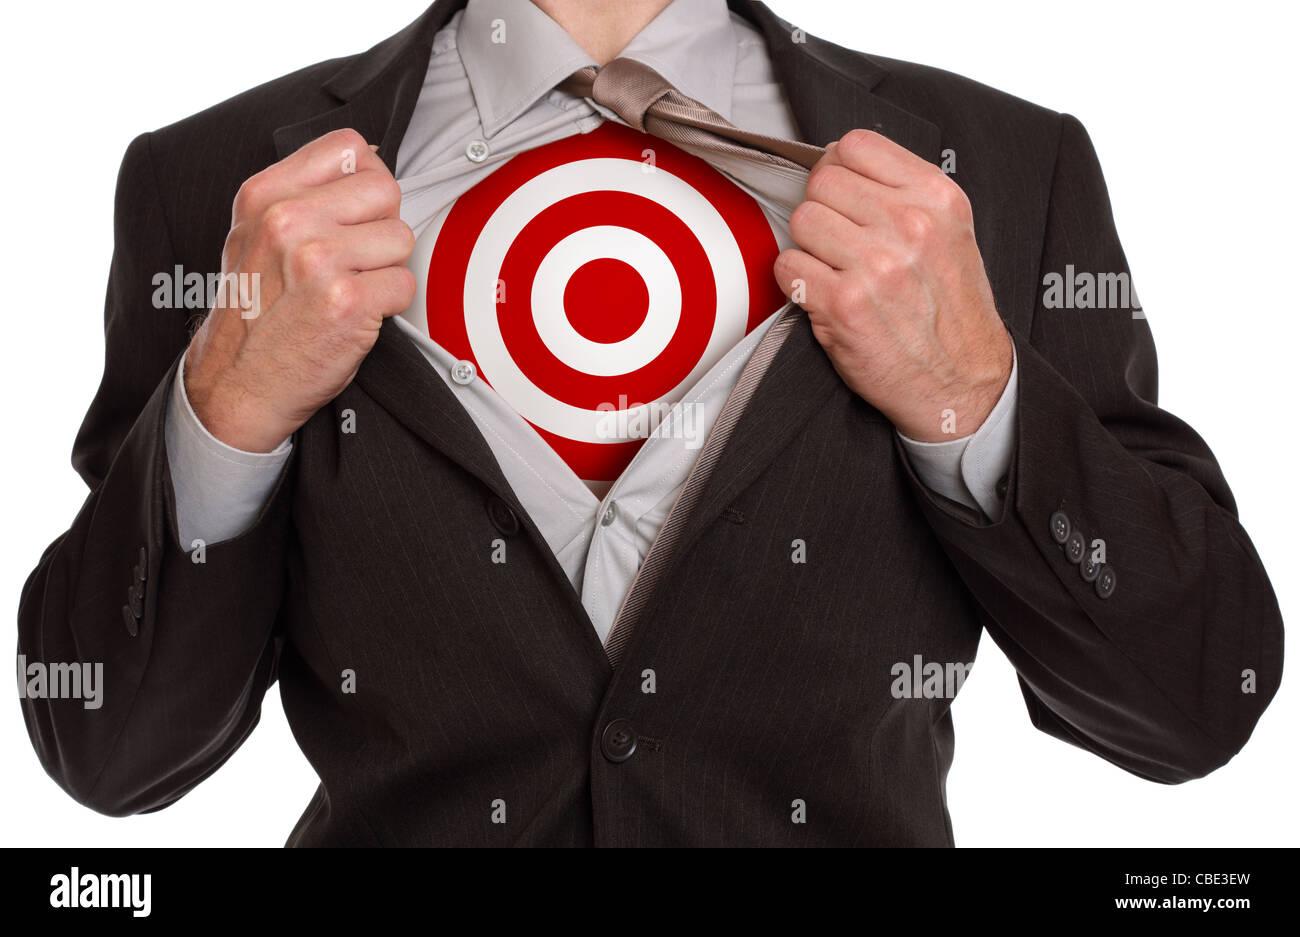 Superhero businessman - Stock Image